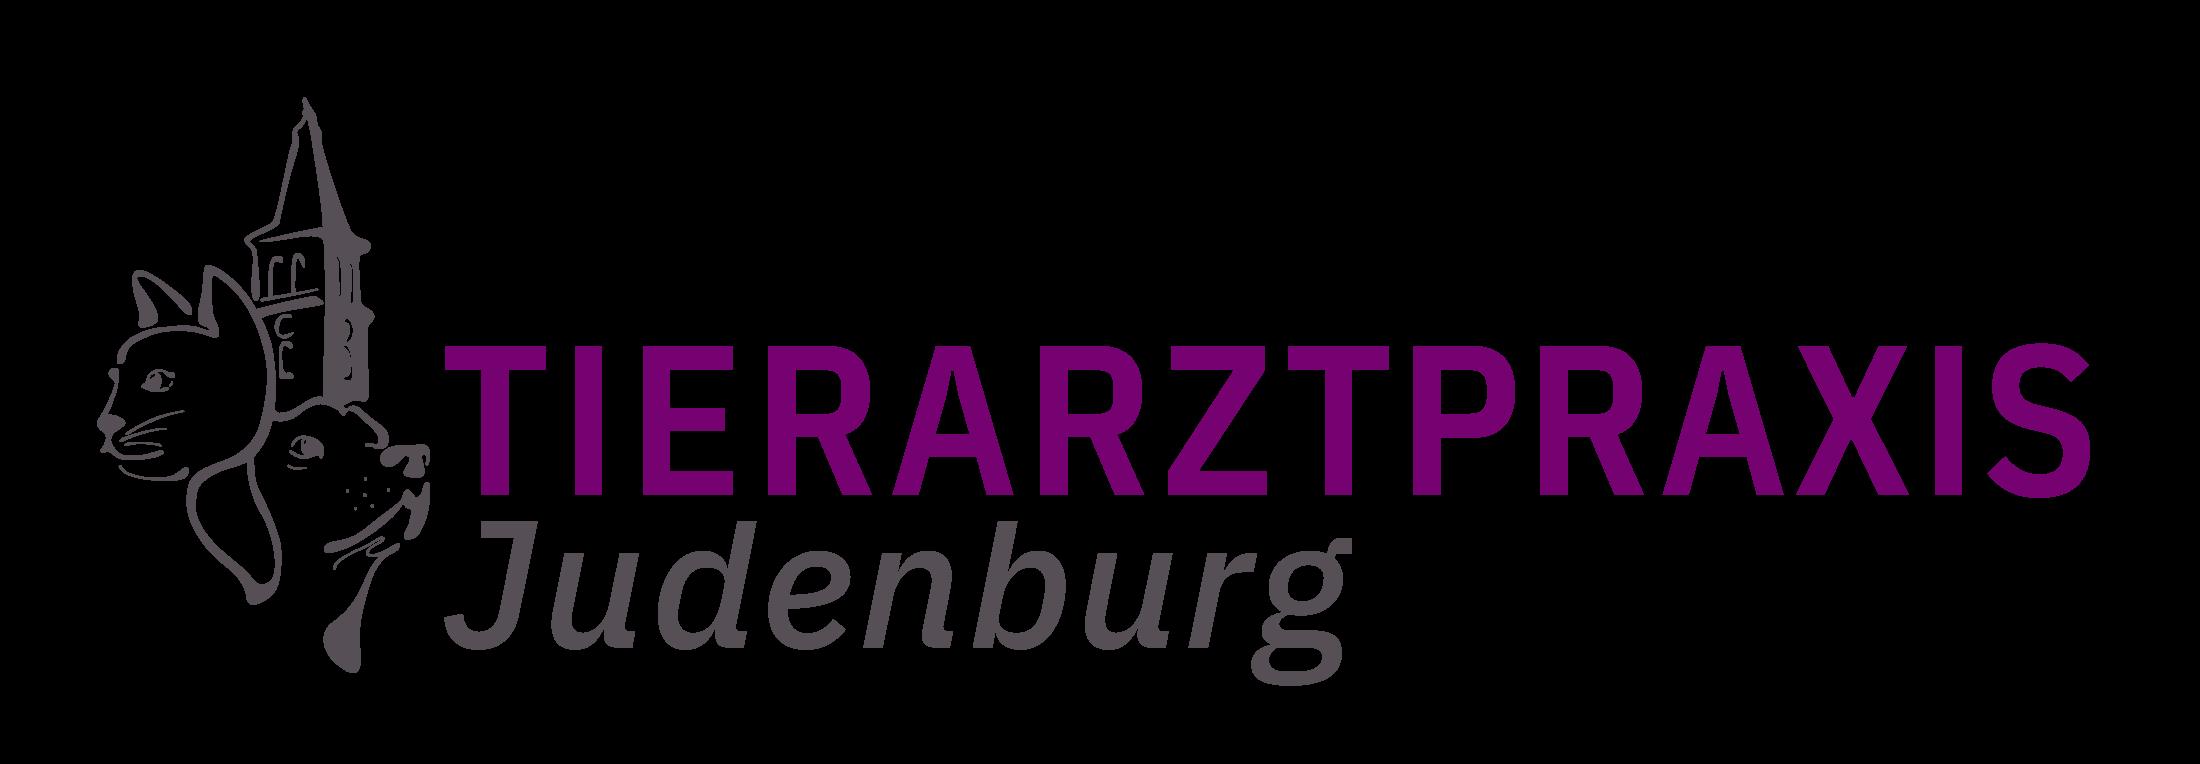 Tierarztpraxis Judenburg